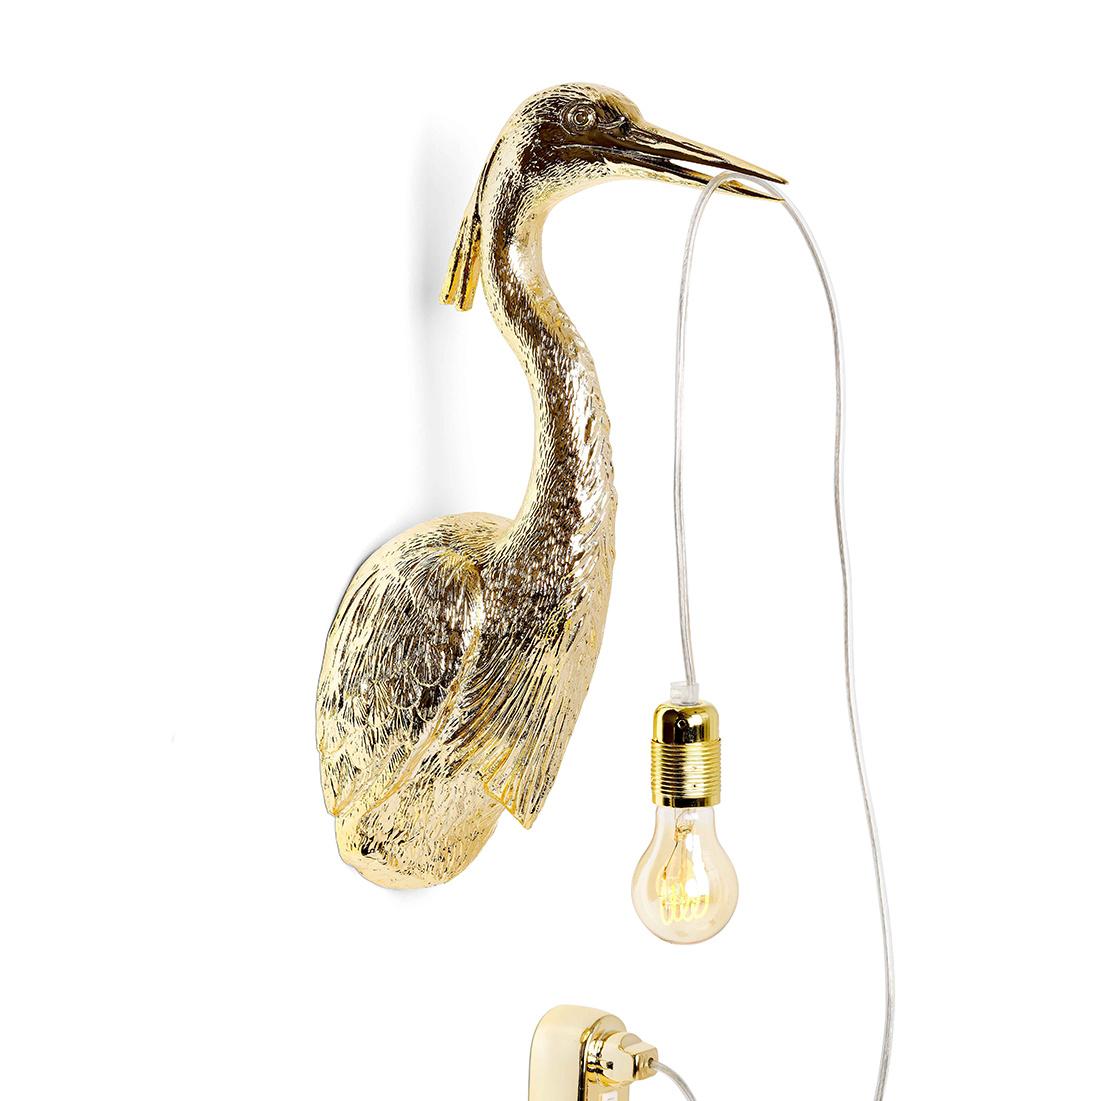 Gouden wandlamp in de vorm van een reiger